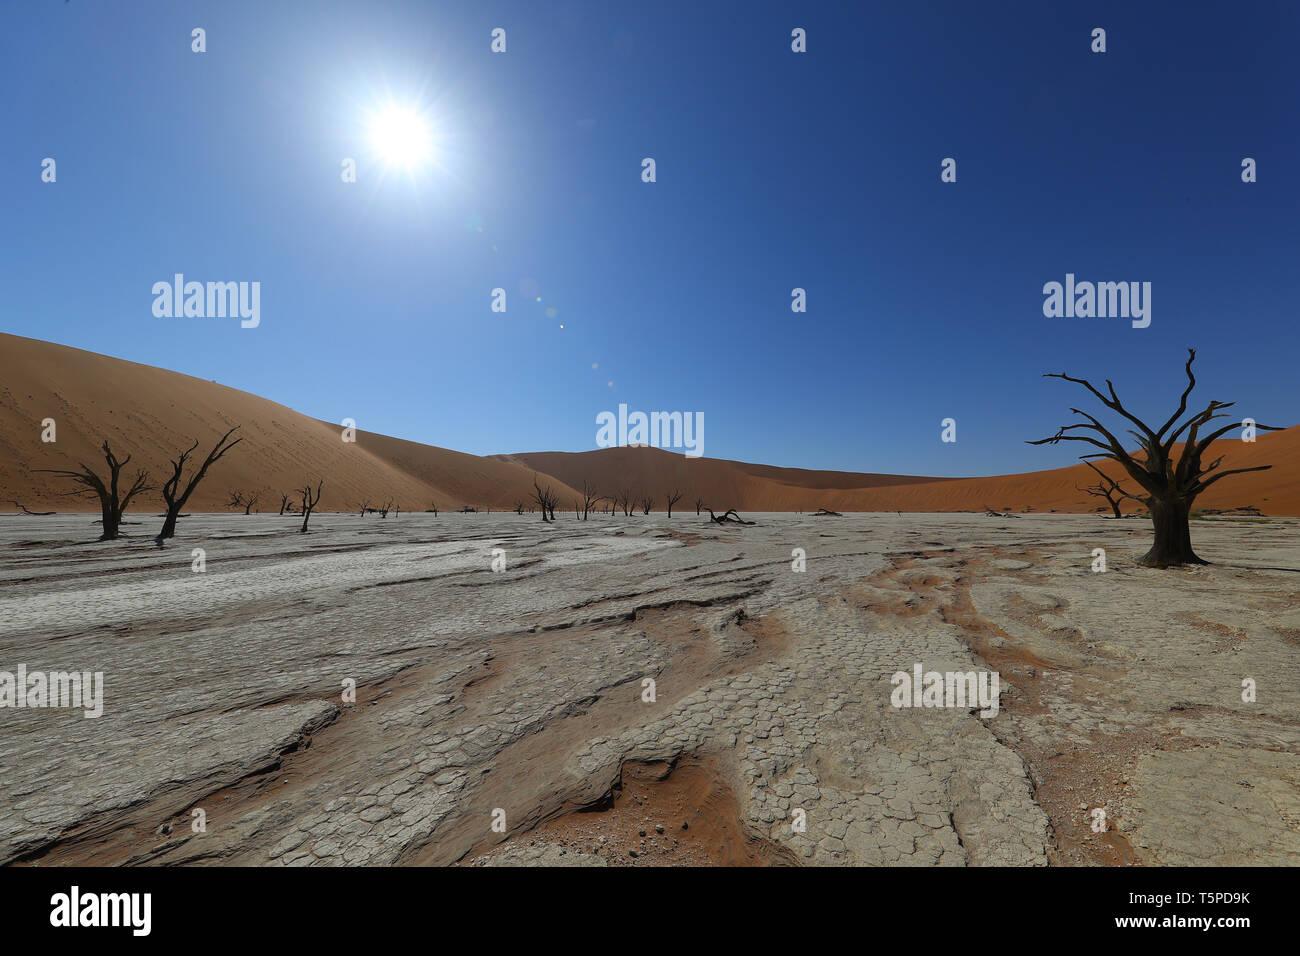 Deadvlei est une poêle à sel et à argile entourée de hautes dunes rouges, située dans la partie sud du désert du Namib. Banque D'Images